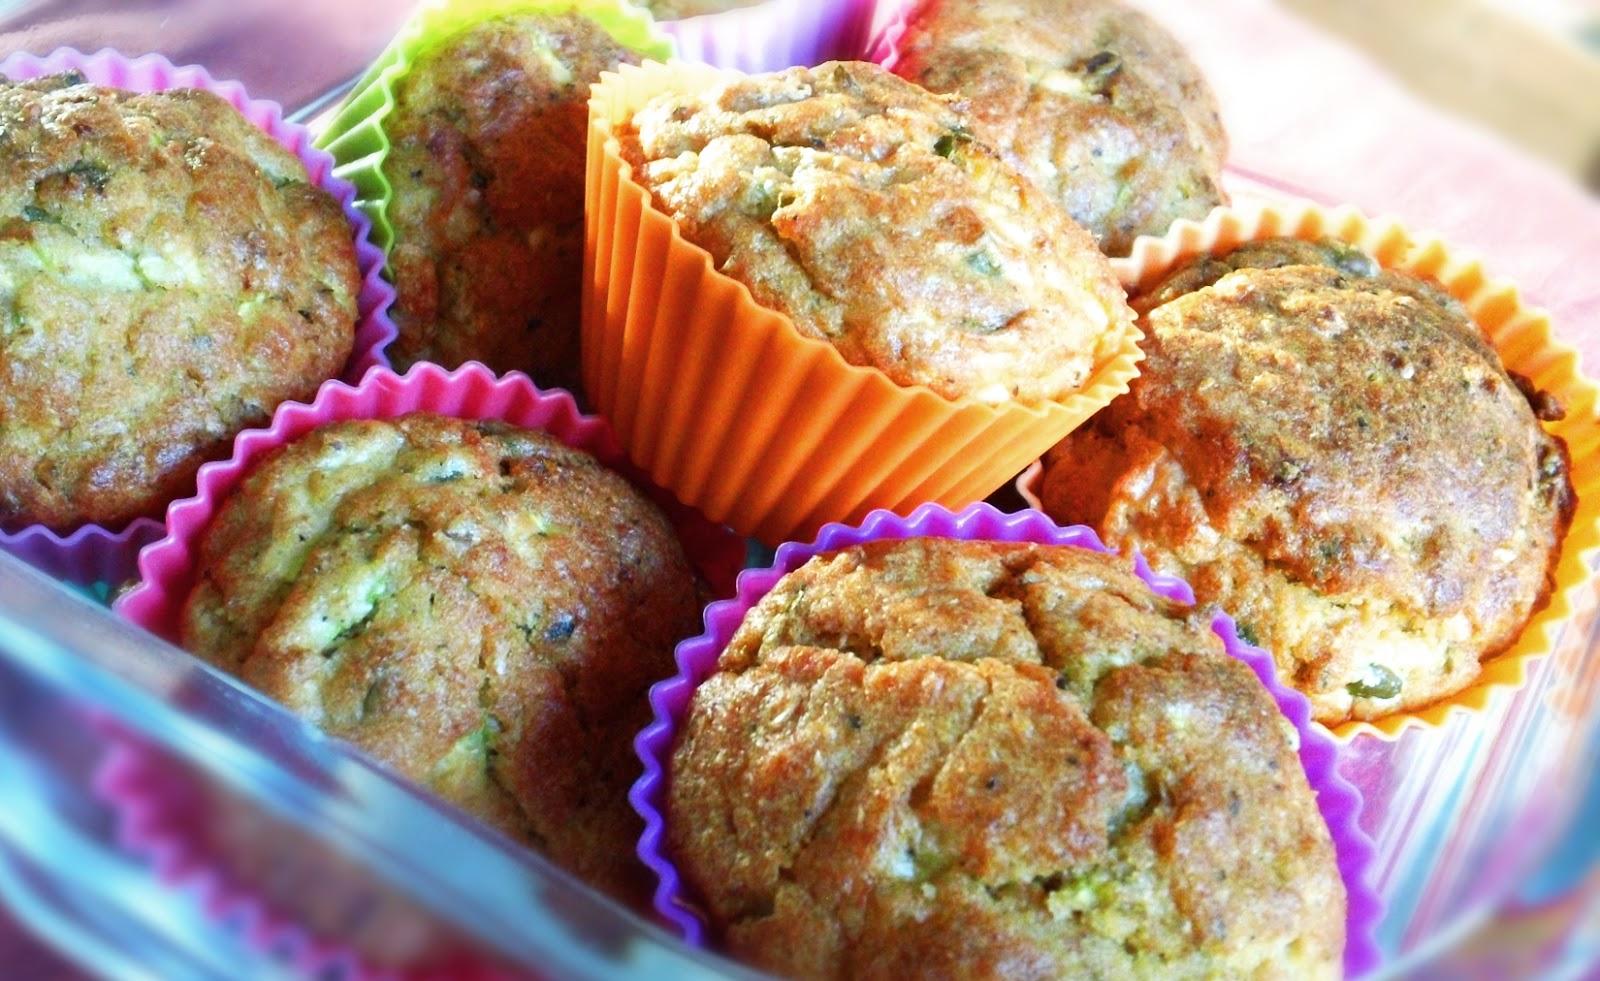 Sebzeli muffin tarifi — Görsel Yemek Tarifleri Sitesi ...